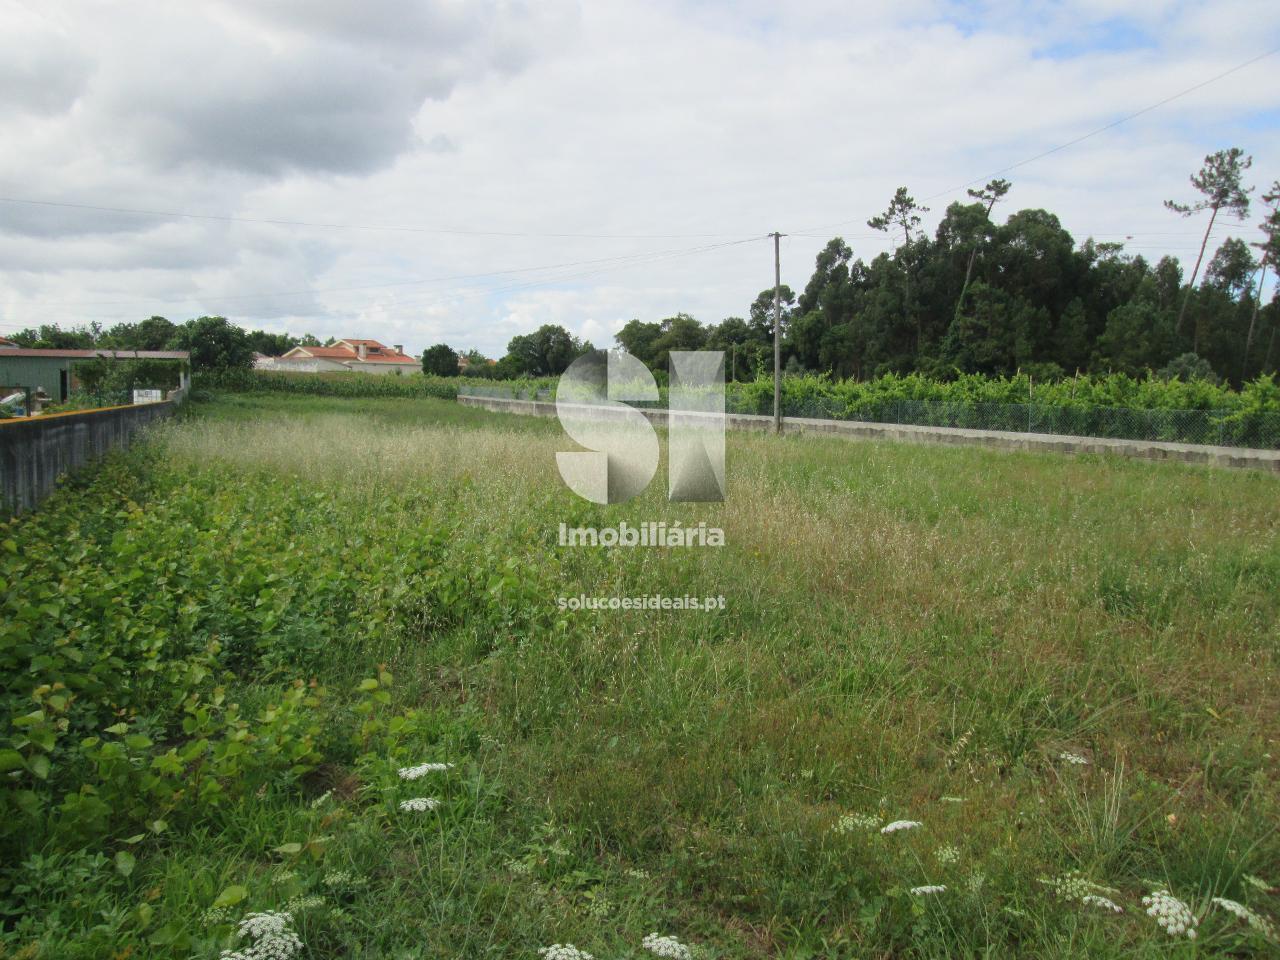 terreno para compra em oliveira do bairro oliveira do bairro MEAAM3074